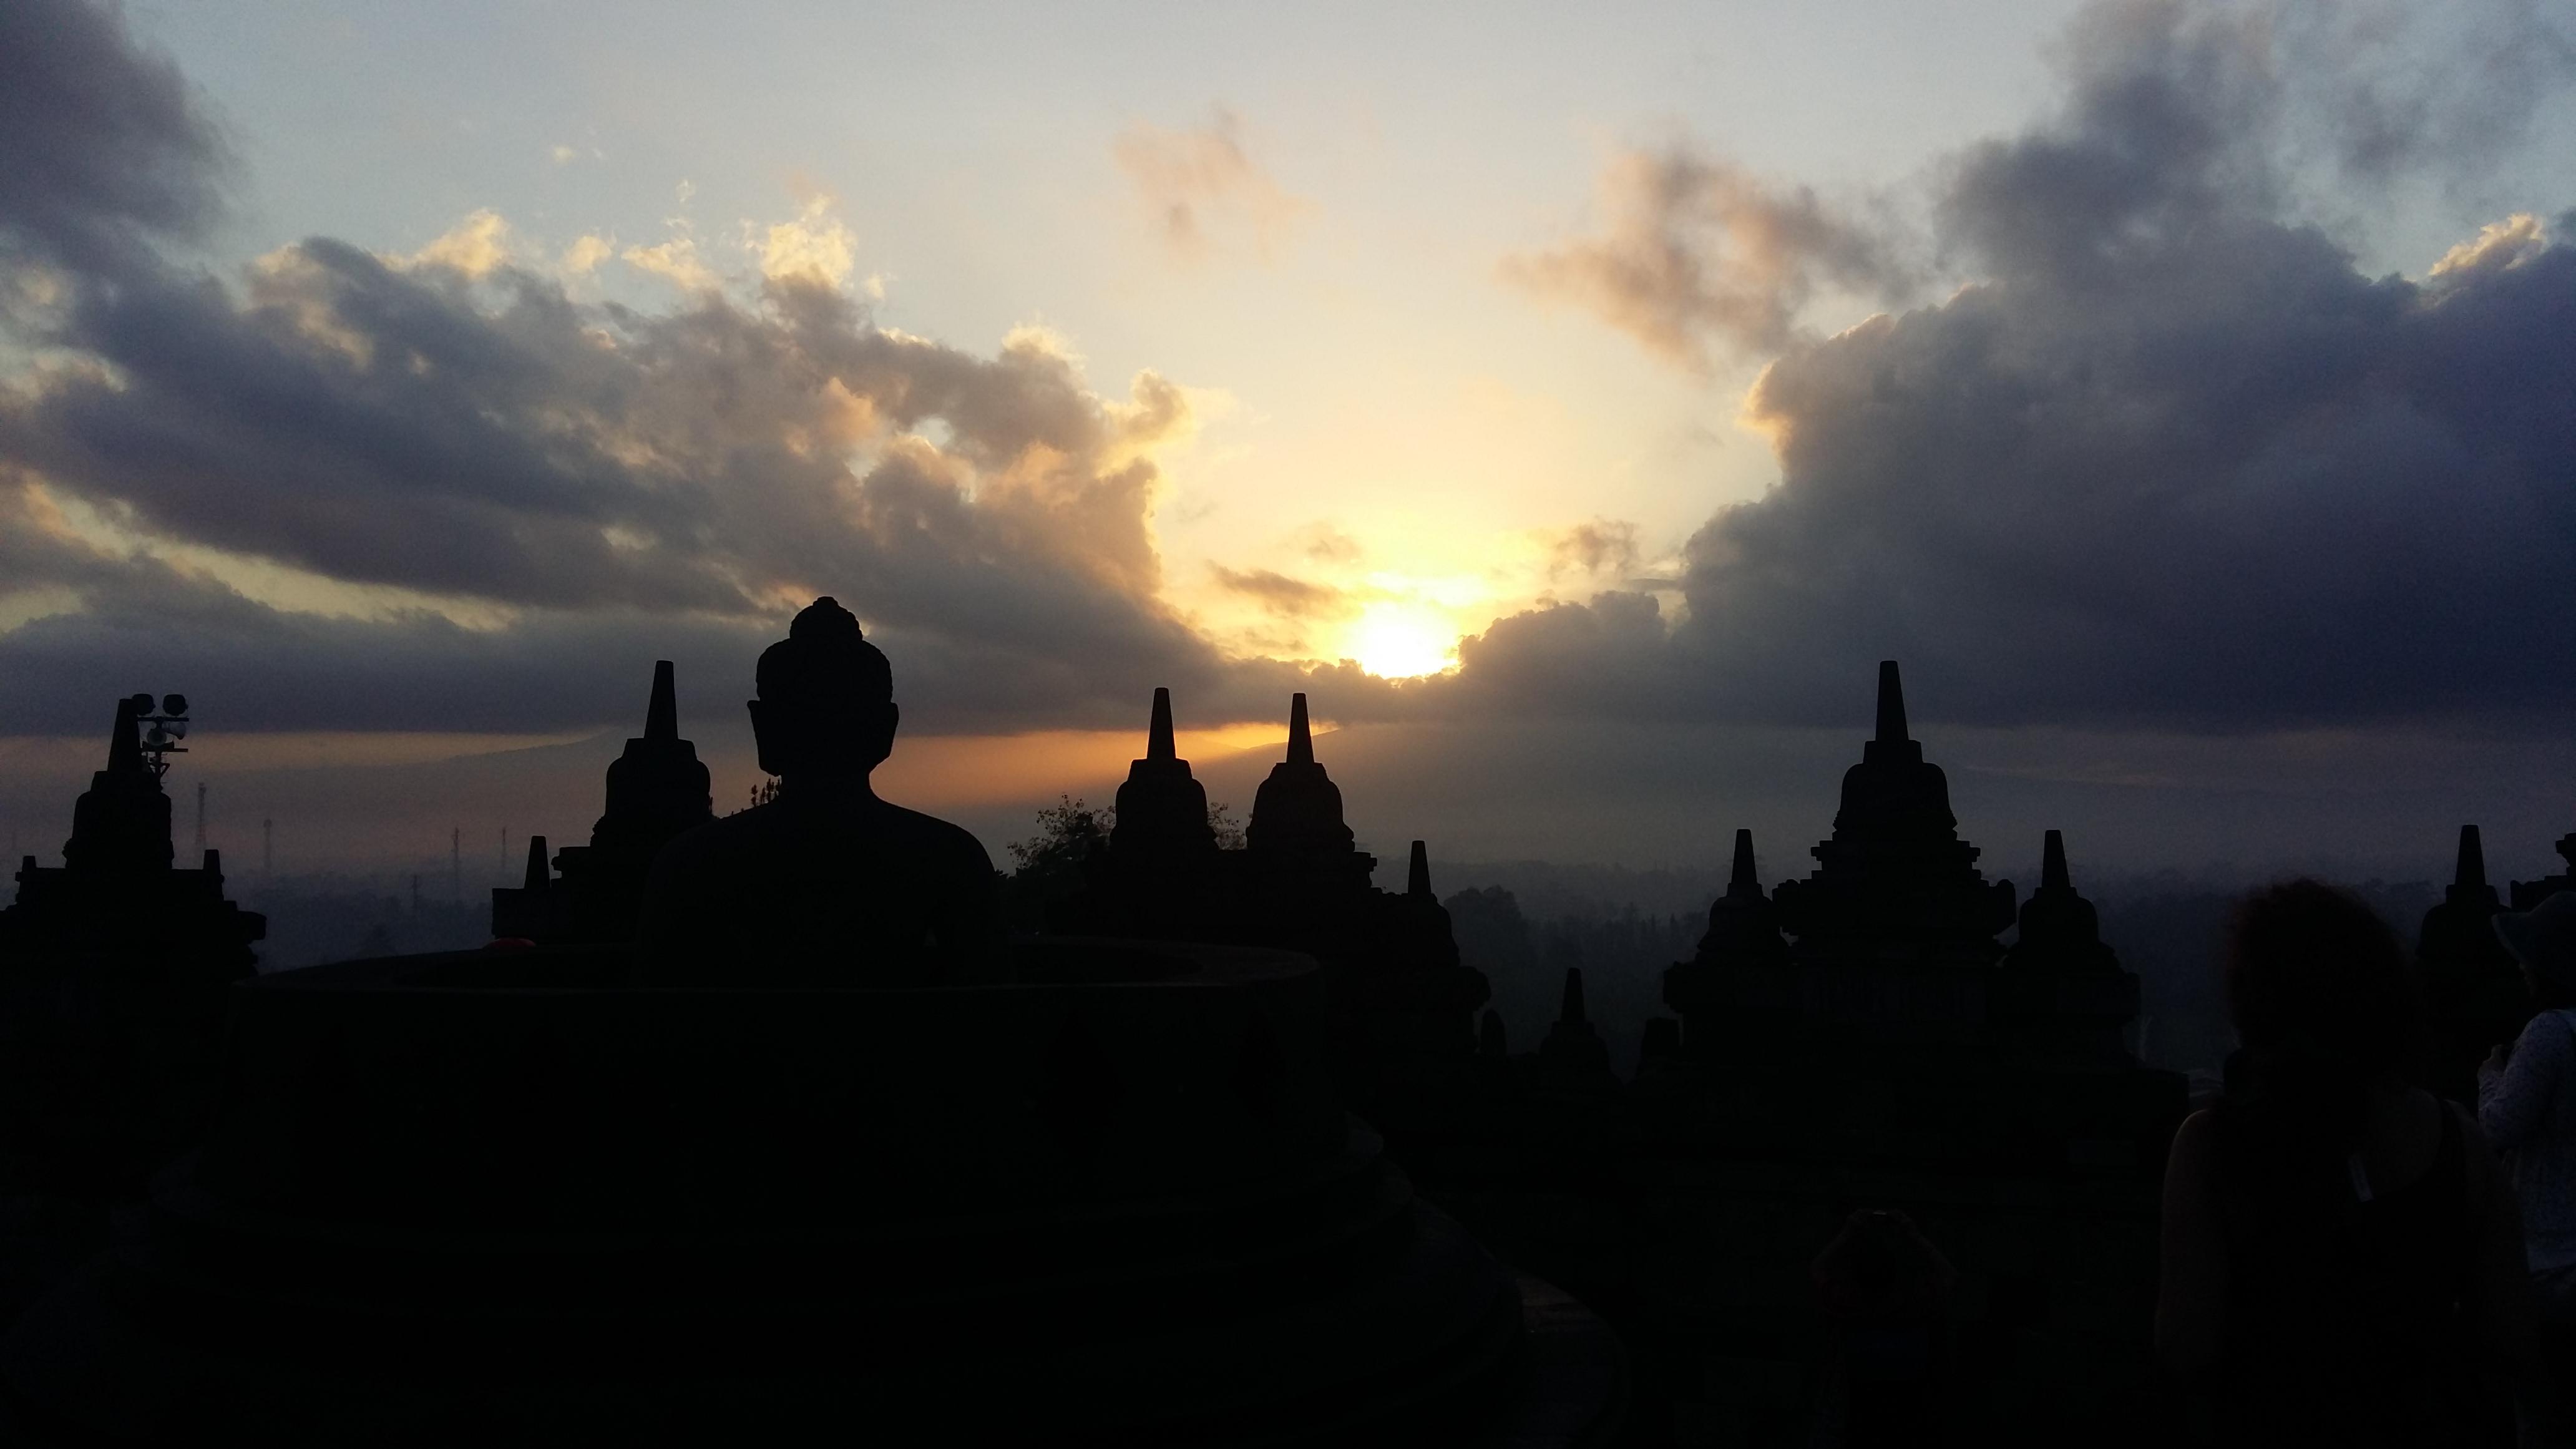 Borobudur, formado por 504 estatuas de Buda